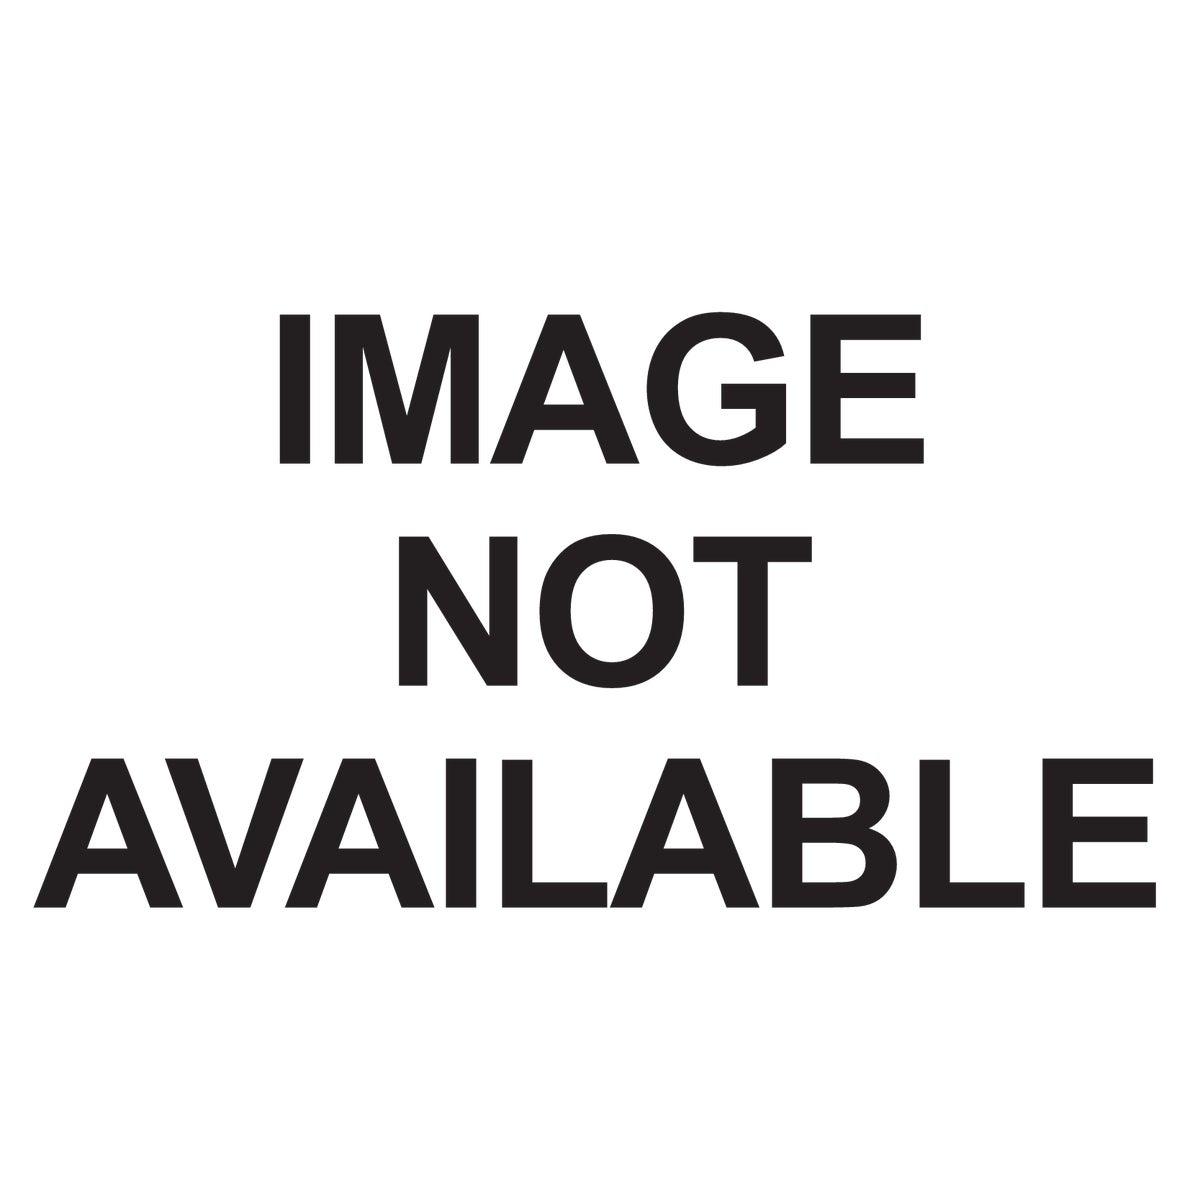 MEMBRANE SCREW W/PLATE - W59GT51020 by Gentite Rrs  Rsc